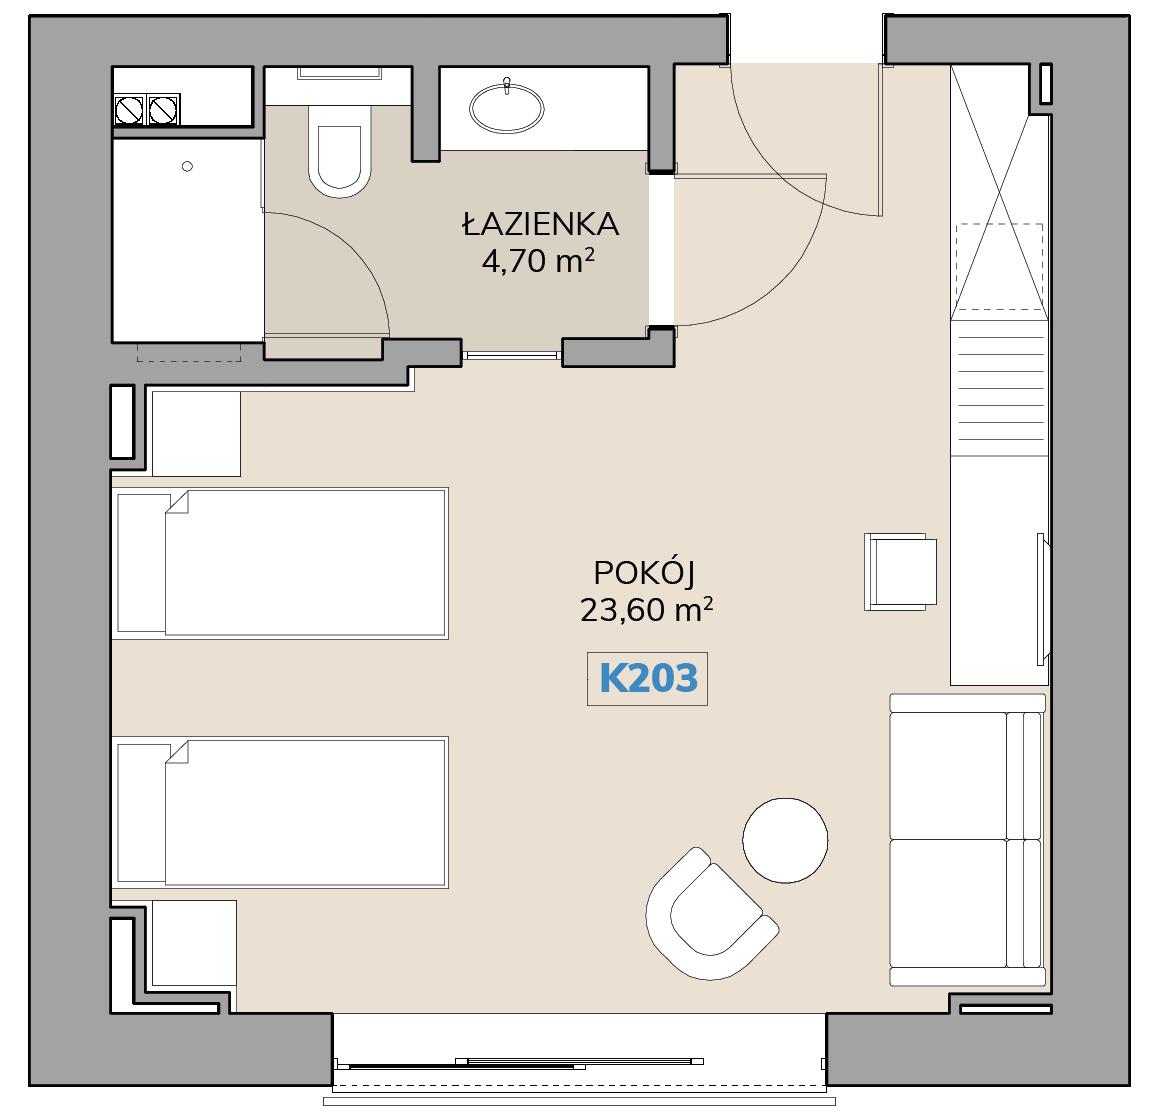 Apartament K203